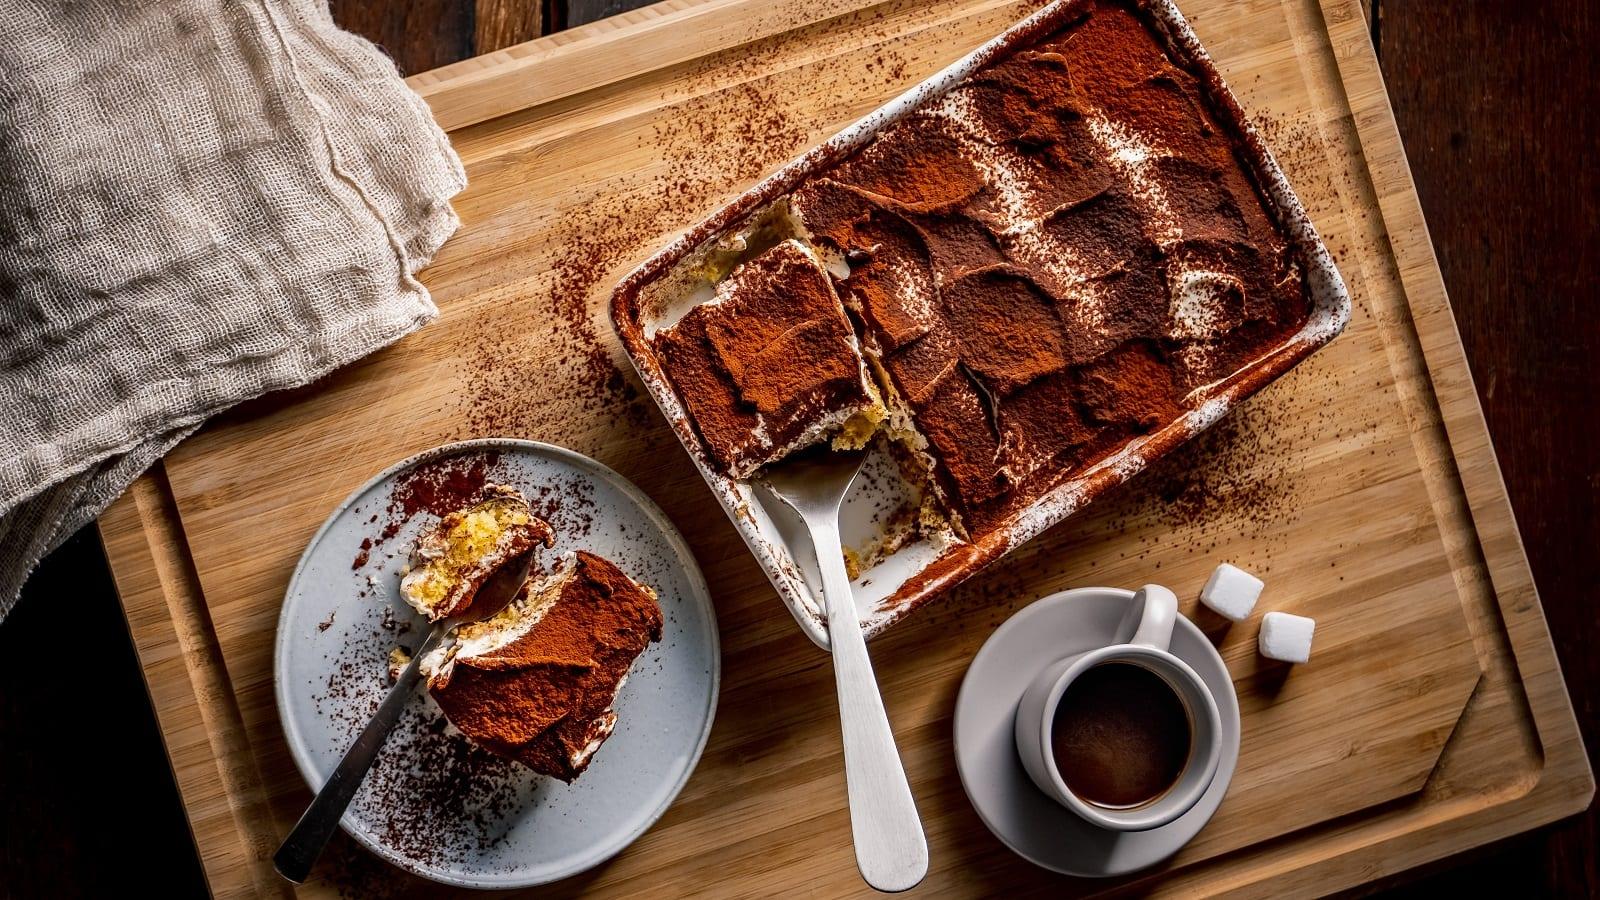 Eine Auflaufform mit klassischem Tiramisu von dem ein Stück herausgeschnitten wurde, das auf dem Teller daneben liegt. Unterhalb der Auflaufform steht eine Tasse Espresso mit zwei Würfeln Zucker. Alles steht auf einem Holzbrett, von oben fotografiert.